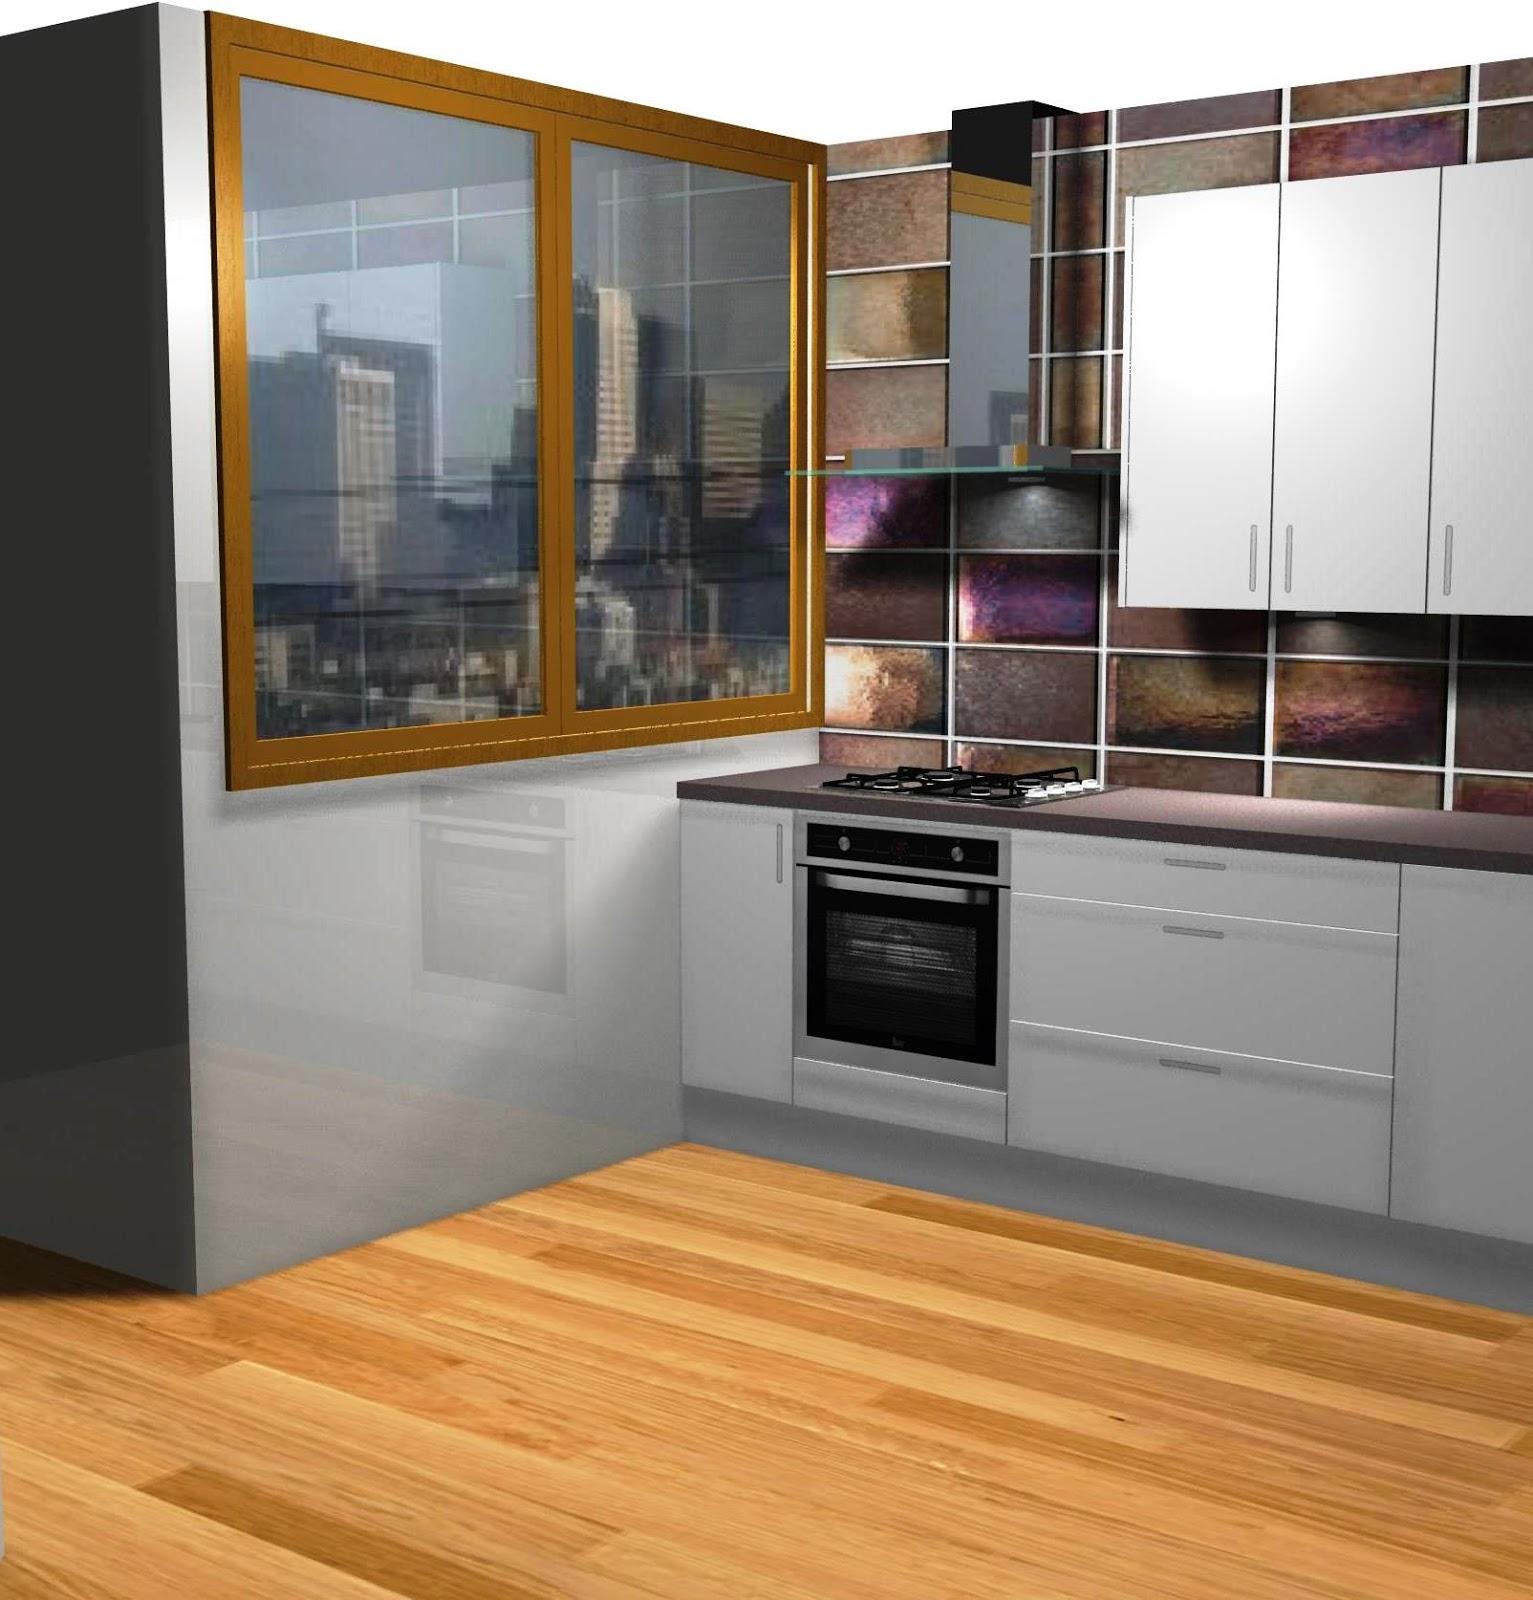 Dise o de peque a cocina en blanco - Diseno cocina pequena ...